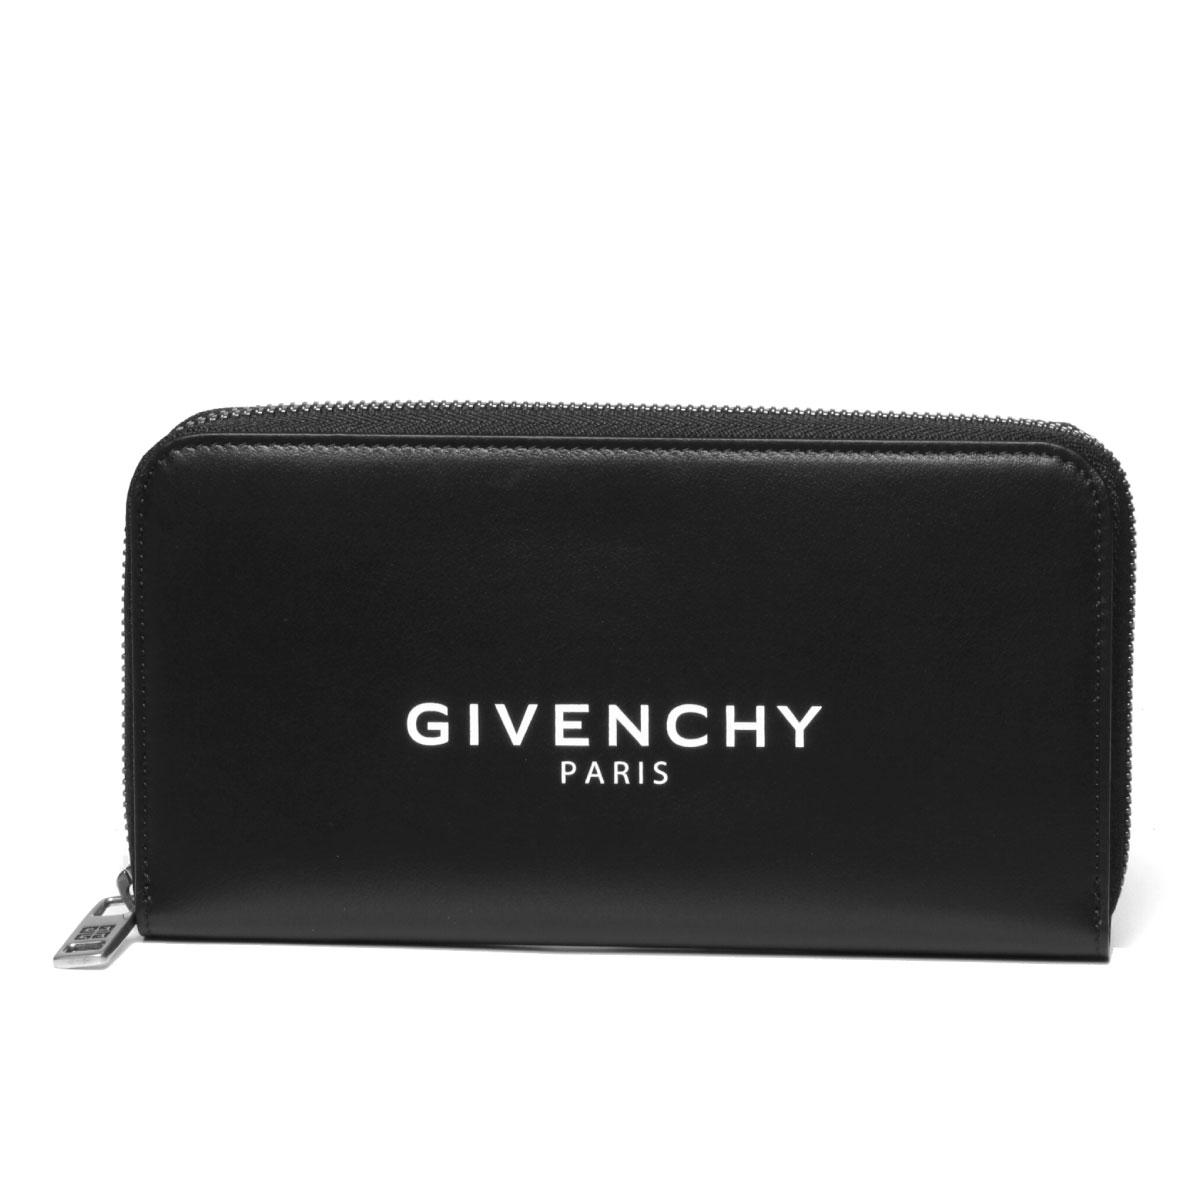 ジバンシー GIVENCHY 財布 メンズ BK600GK0AC 001 ラウンドファスナー長財布 BLACK ブラック